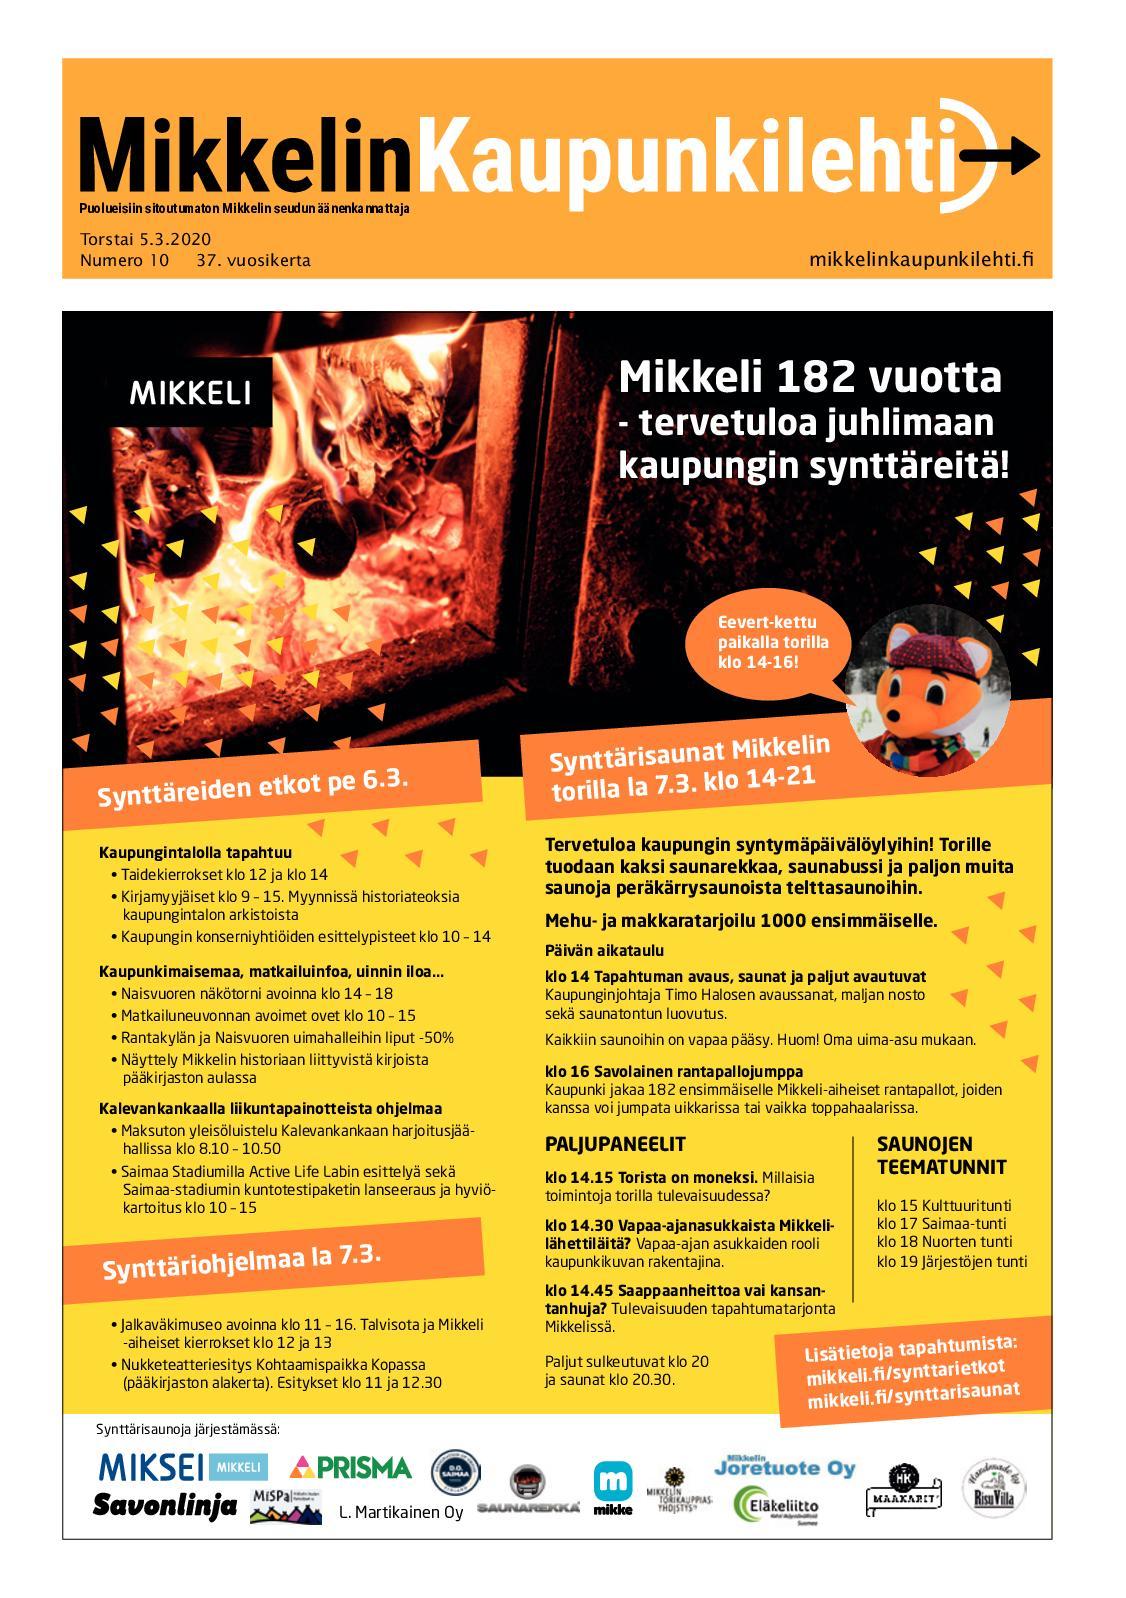 Johtava matkailusivusto suomalaisille paketti- ja omatoimimatkaajille